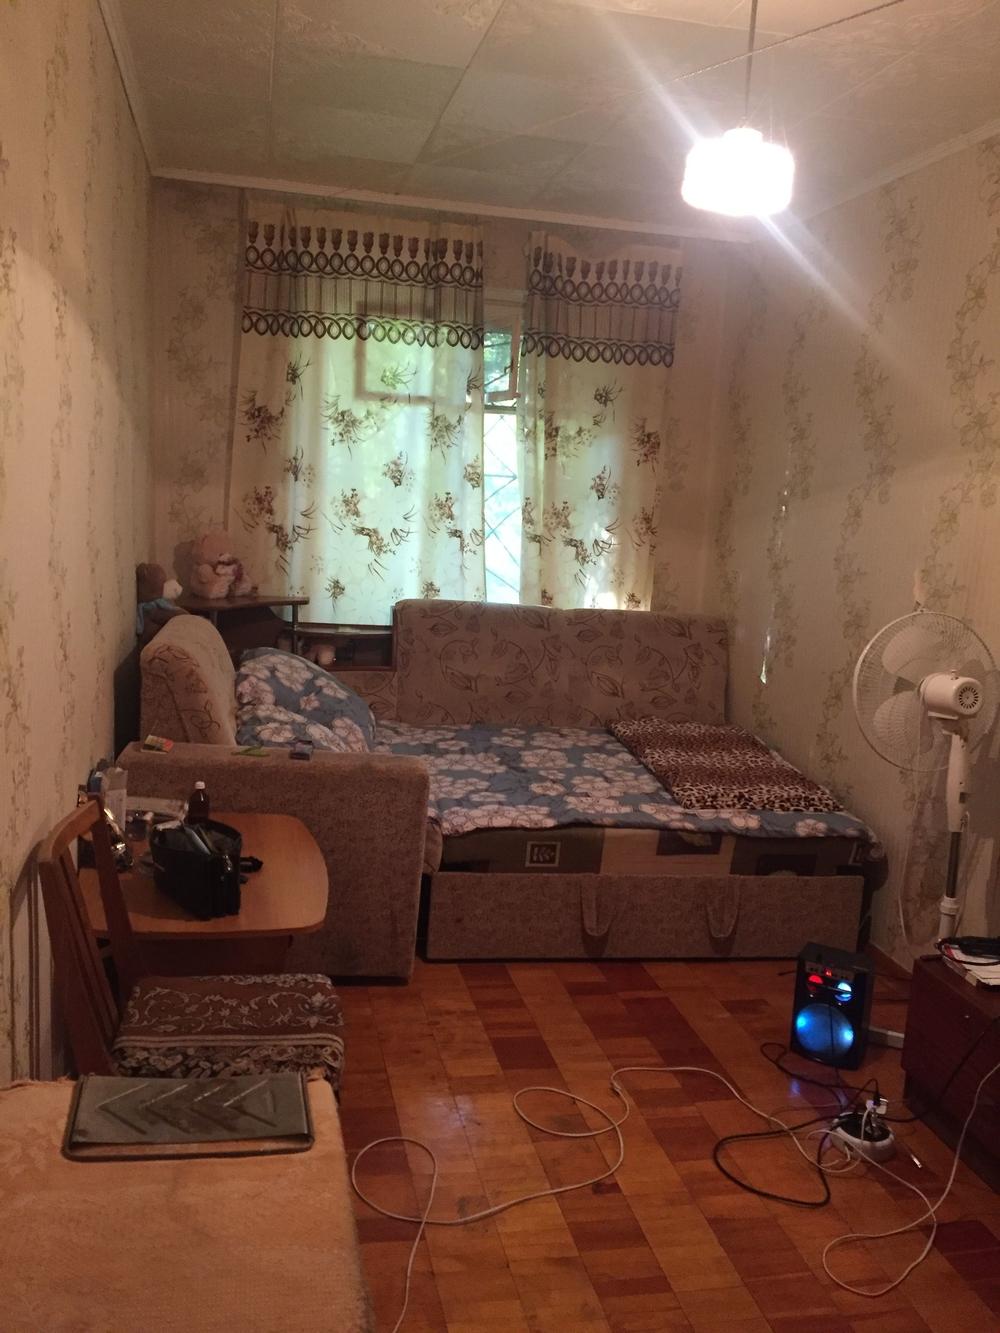 Оренбургская область, Орск, Станиславского ул., д. 91Б